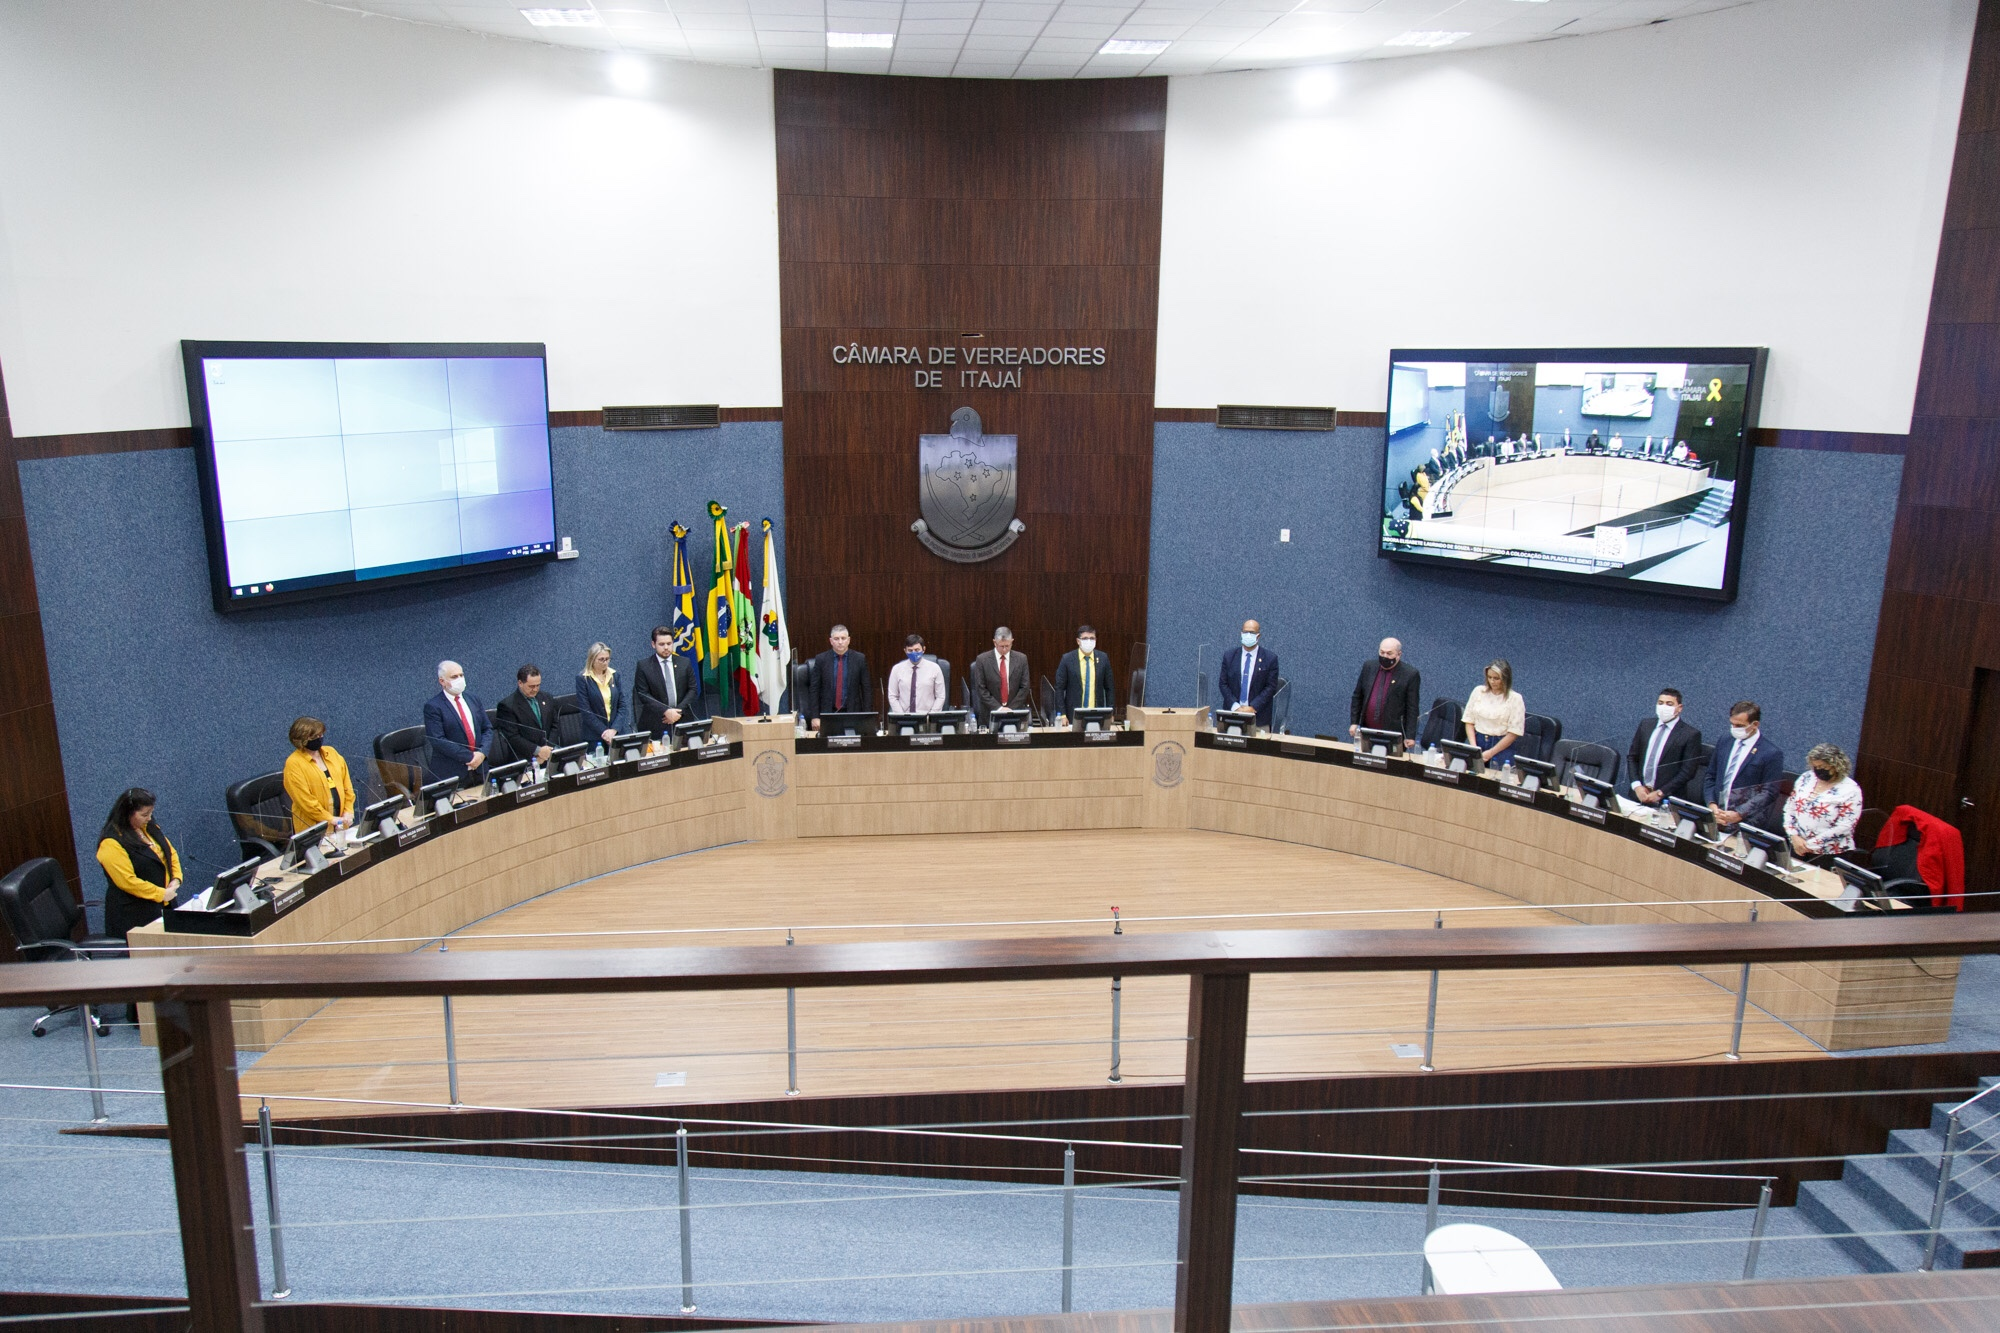 Câmara de Itajaí institui Política Permanente Papel Zero no Dia da Árvore